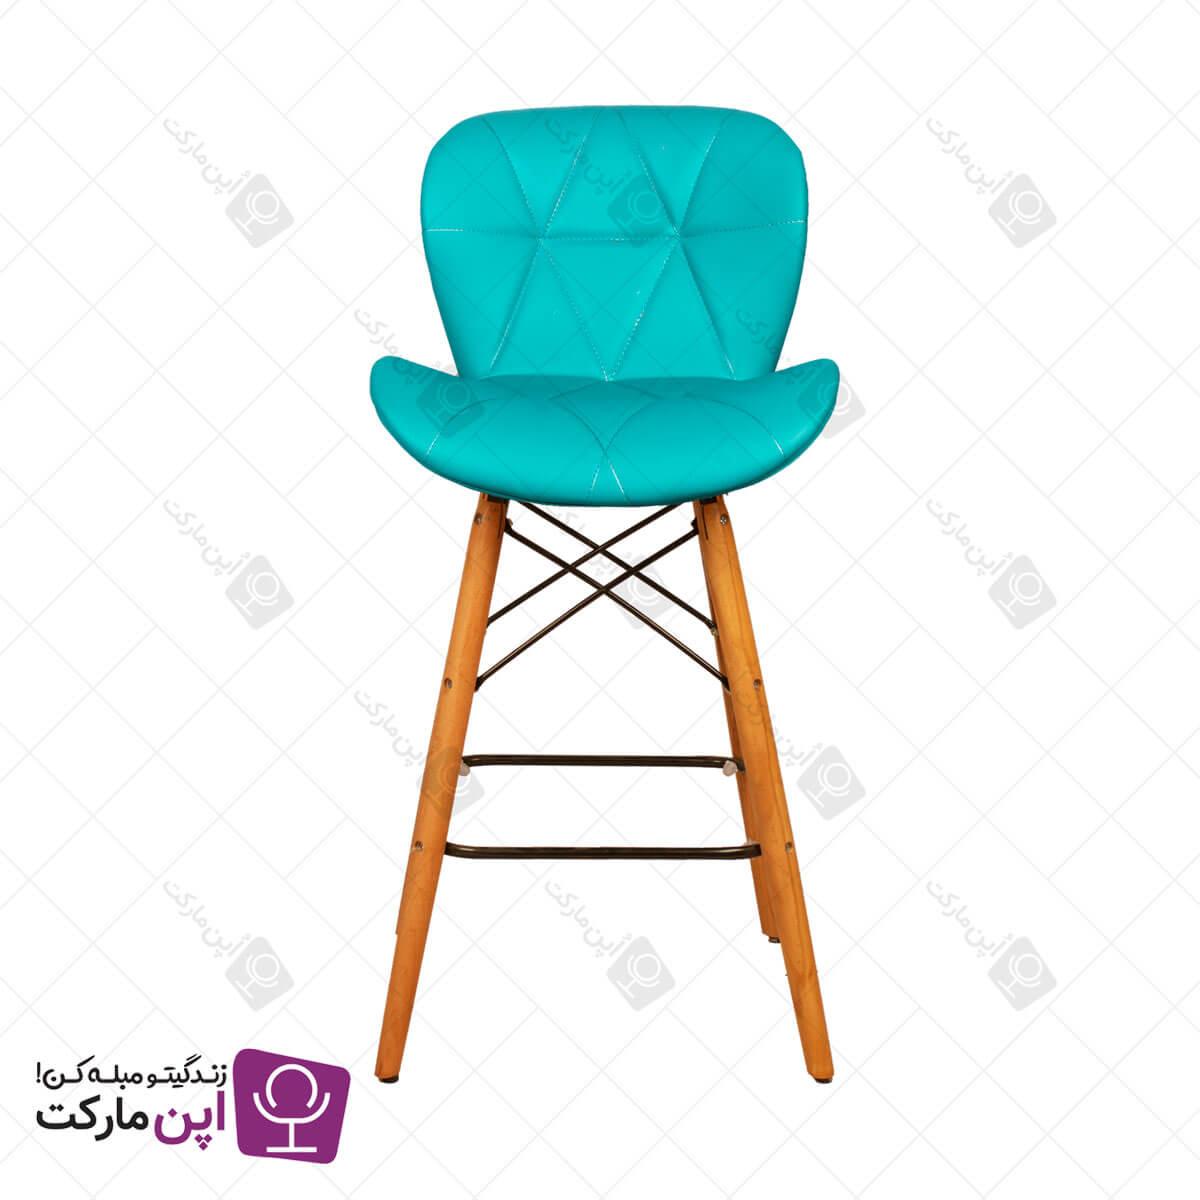 مرکز خرید صندلی اپن